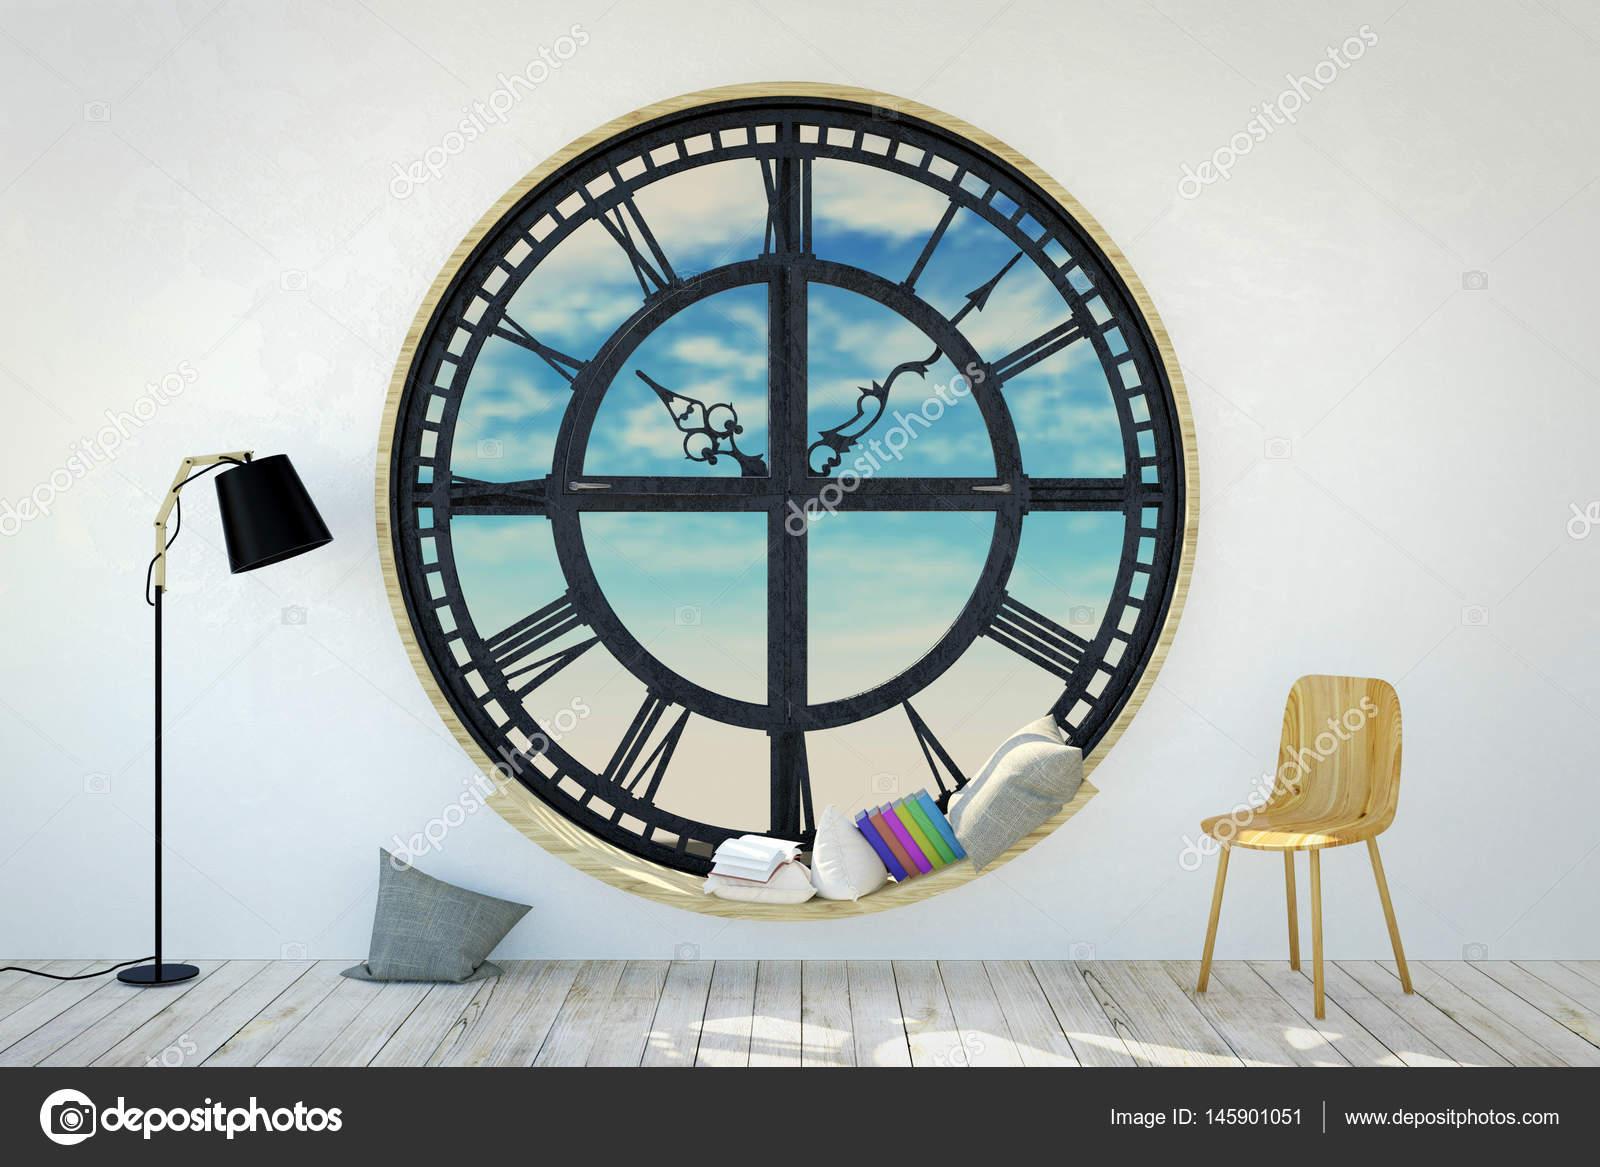 Whiteroom Interieur im minimalistischen Dekoration mit runden Metall ...